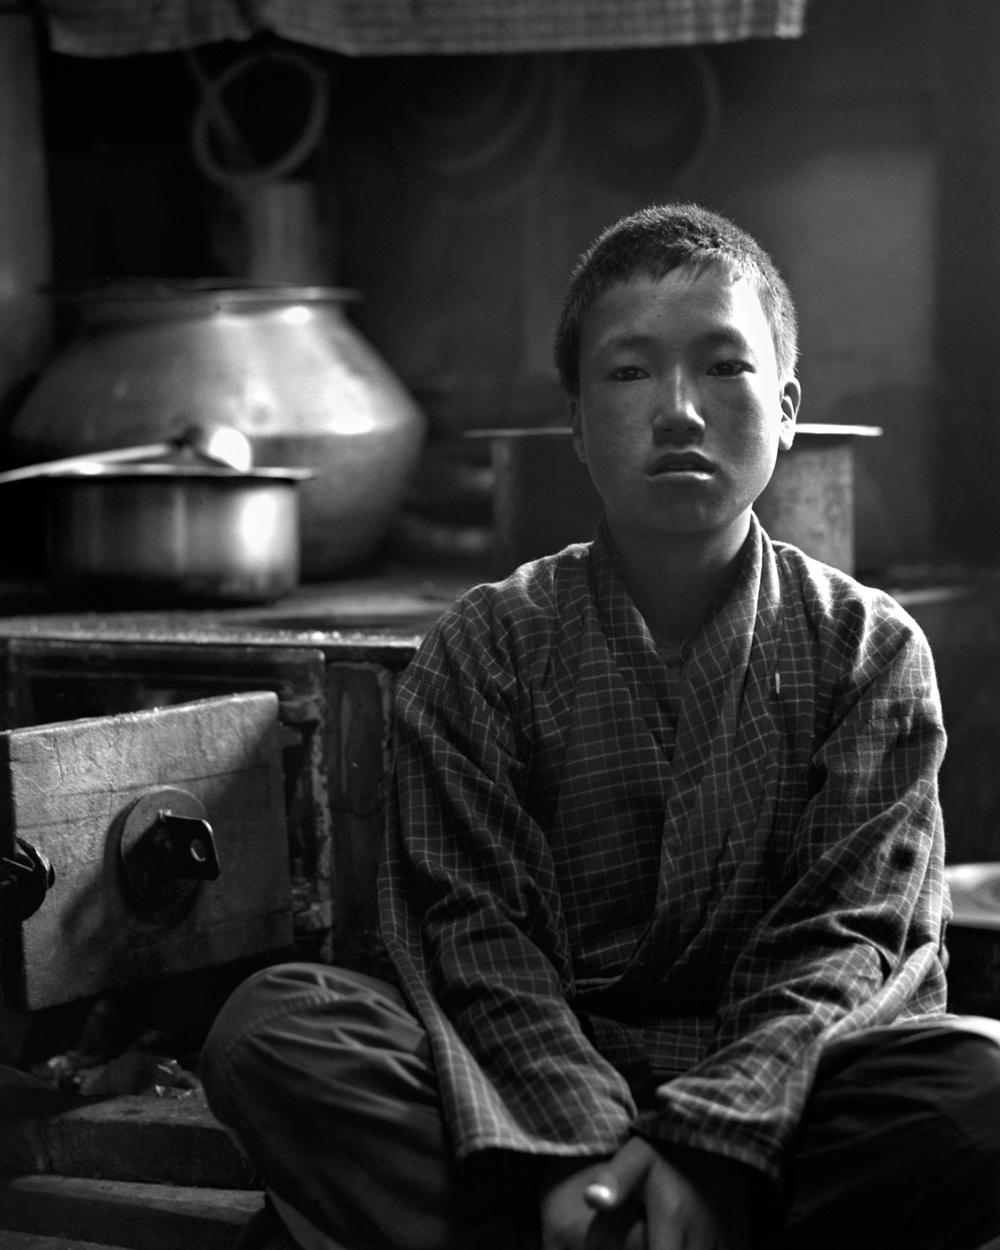 Bhutan16 nº25.jpg